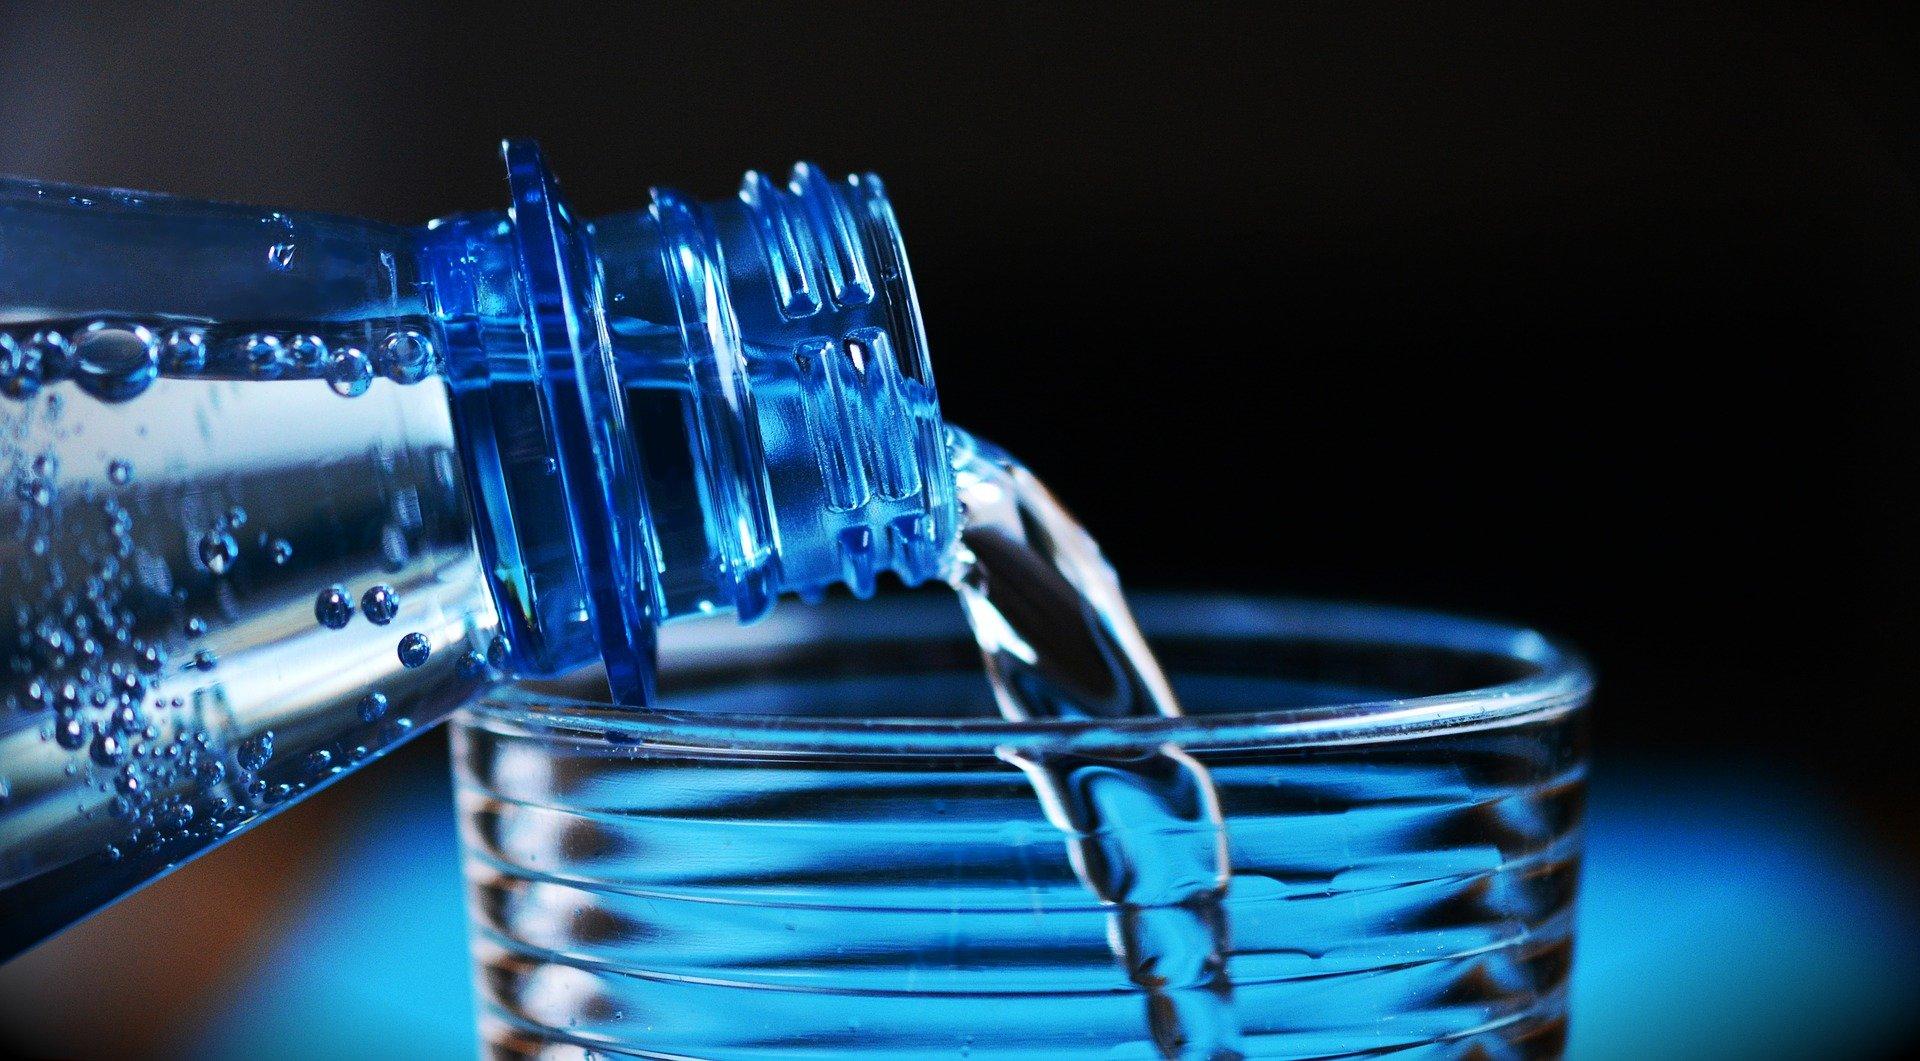 """""""Ощущение, что пьёшь из ржавого крана"""": Японец попробовал российскую минеральную воду и удивился её вкусу"""